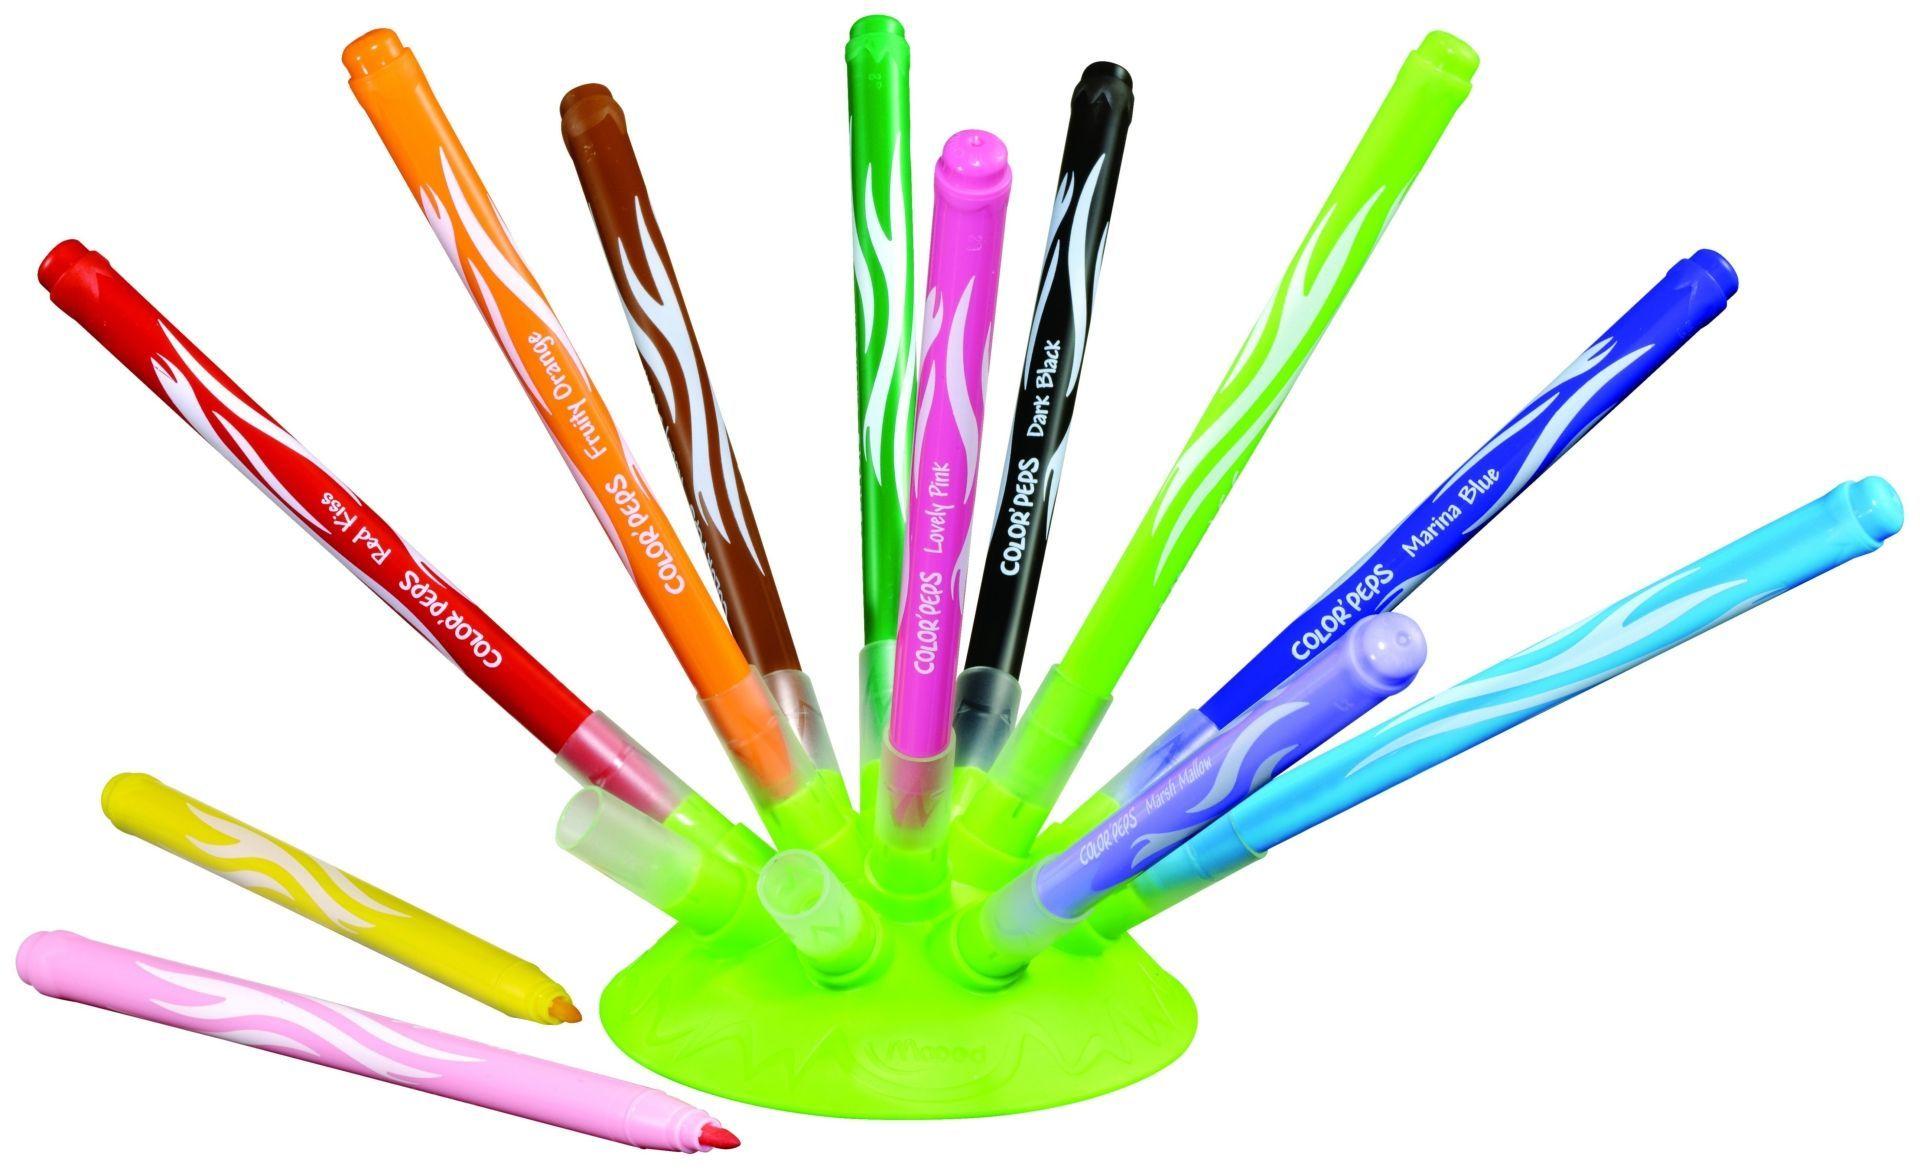 Фломастеры смываемые Maped, на подставке, 12 цв.Фломастеры, цветные карандаши, краски, гуашь<br>Фломастеры смываются практически со всех видов ткани. Имеют заблокированный средний, конусовидный стержень 2.8 мм. Набор имеет оригинальную подставку, такое решение помогает не терять колпачки, также компактно складывается при переноске. В наборе 12 цвето...<br><br>Год: 2016<br>Высота: 160<br>Ширина: 100<br>Толщина: 70